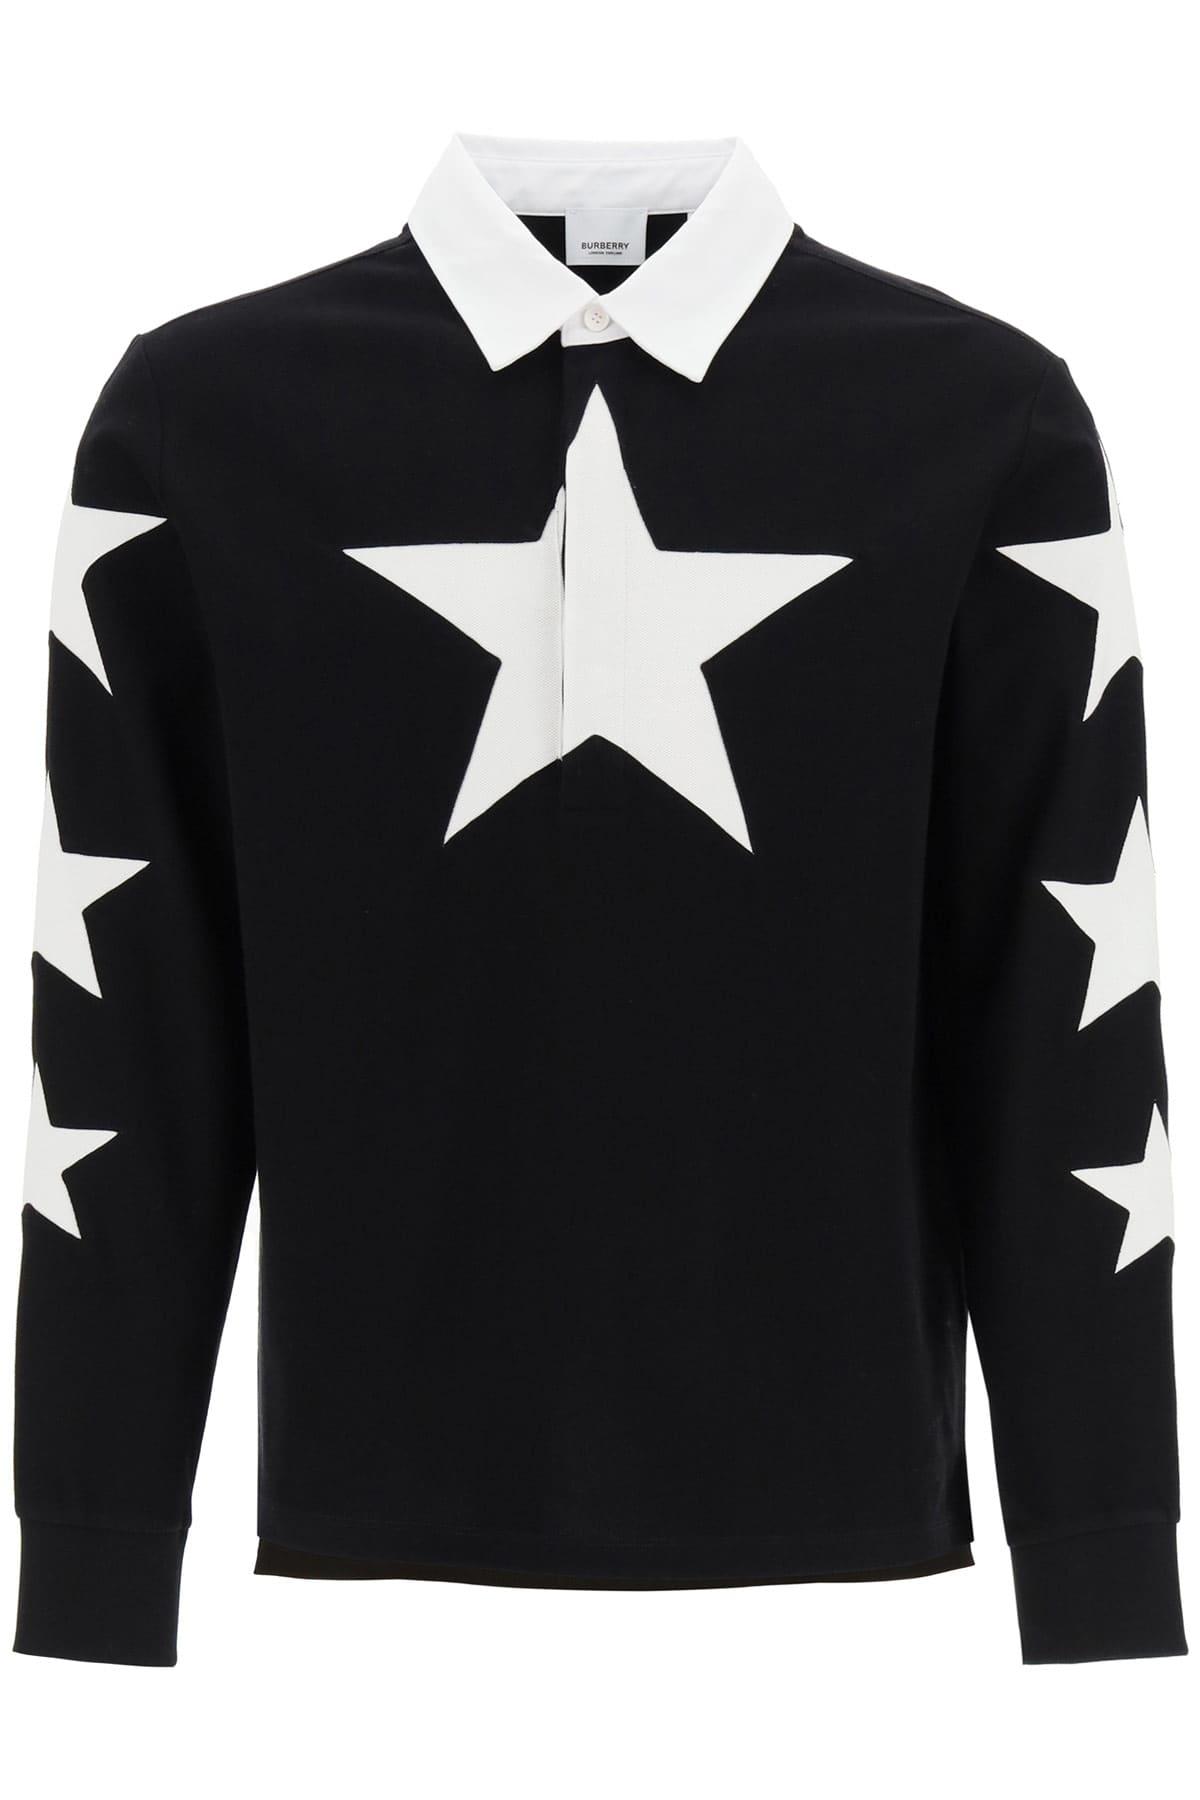 BURBERRY EASTON STAR POLO L Black, White Cotton